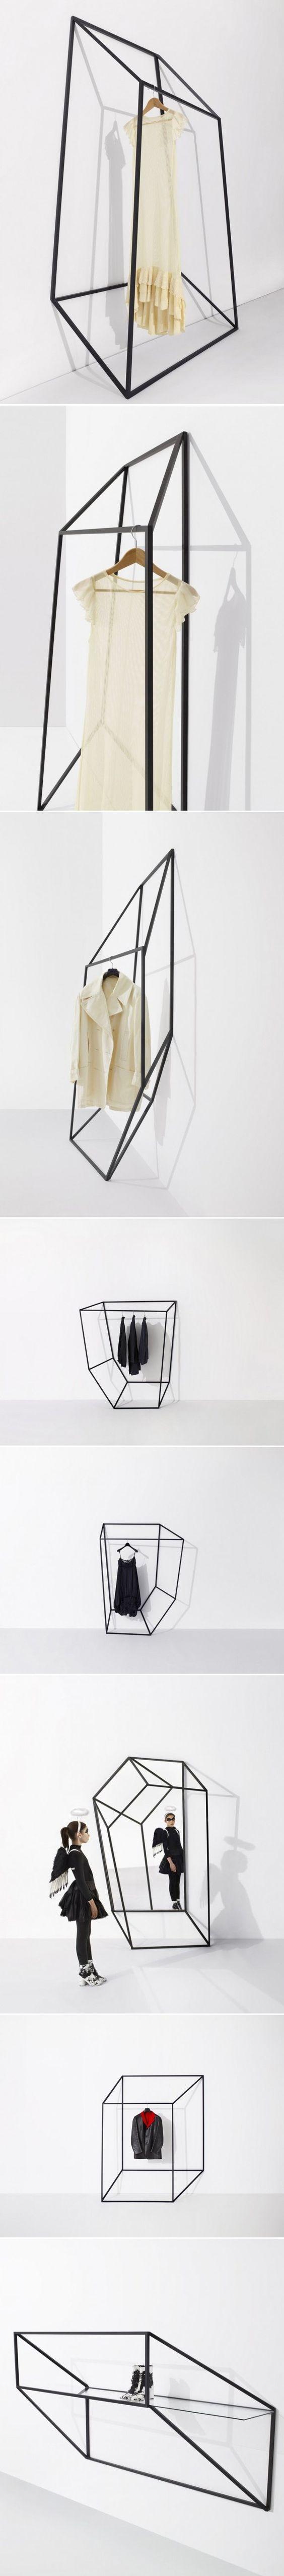 Design pour le magasin Les Ailes Noires